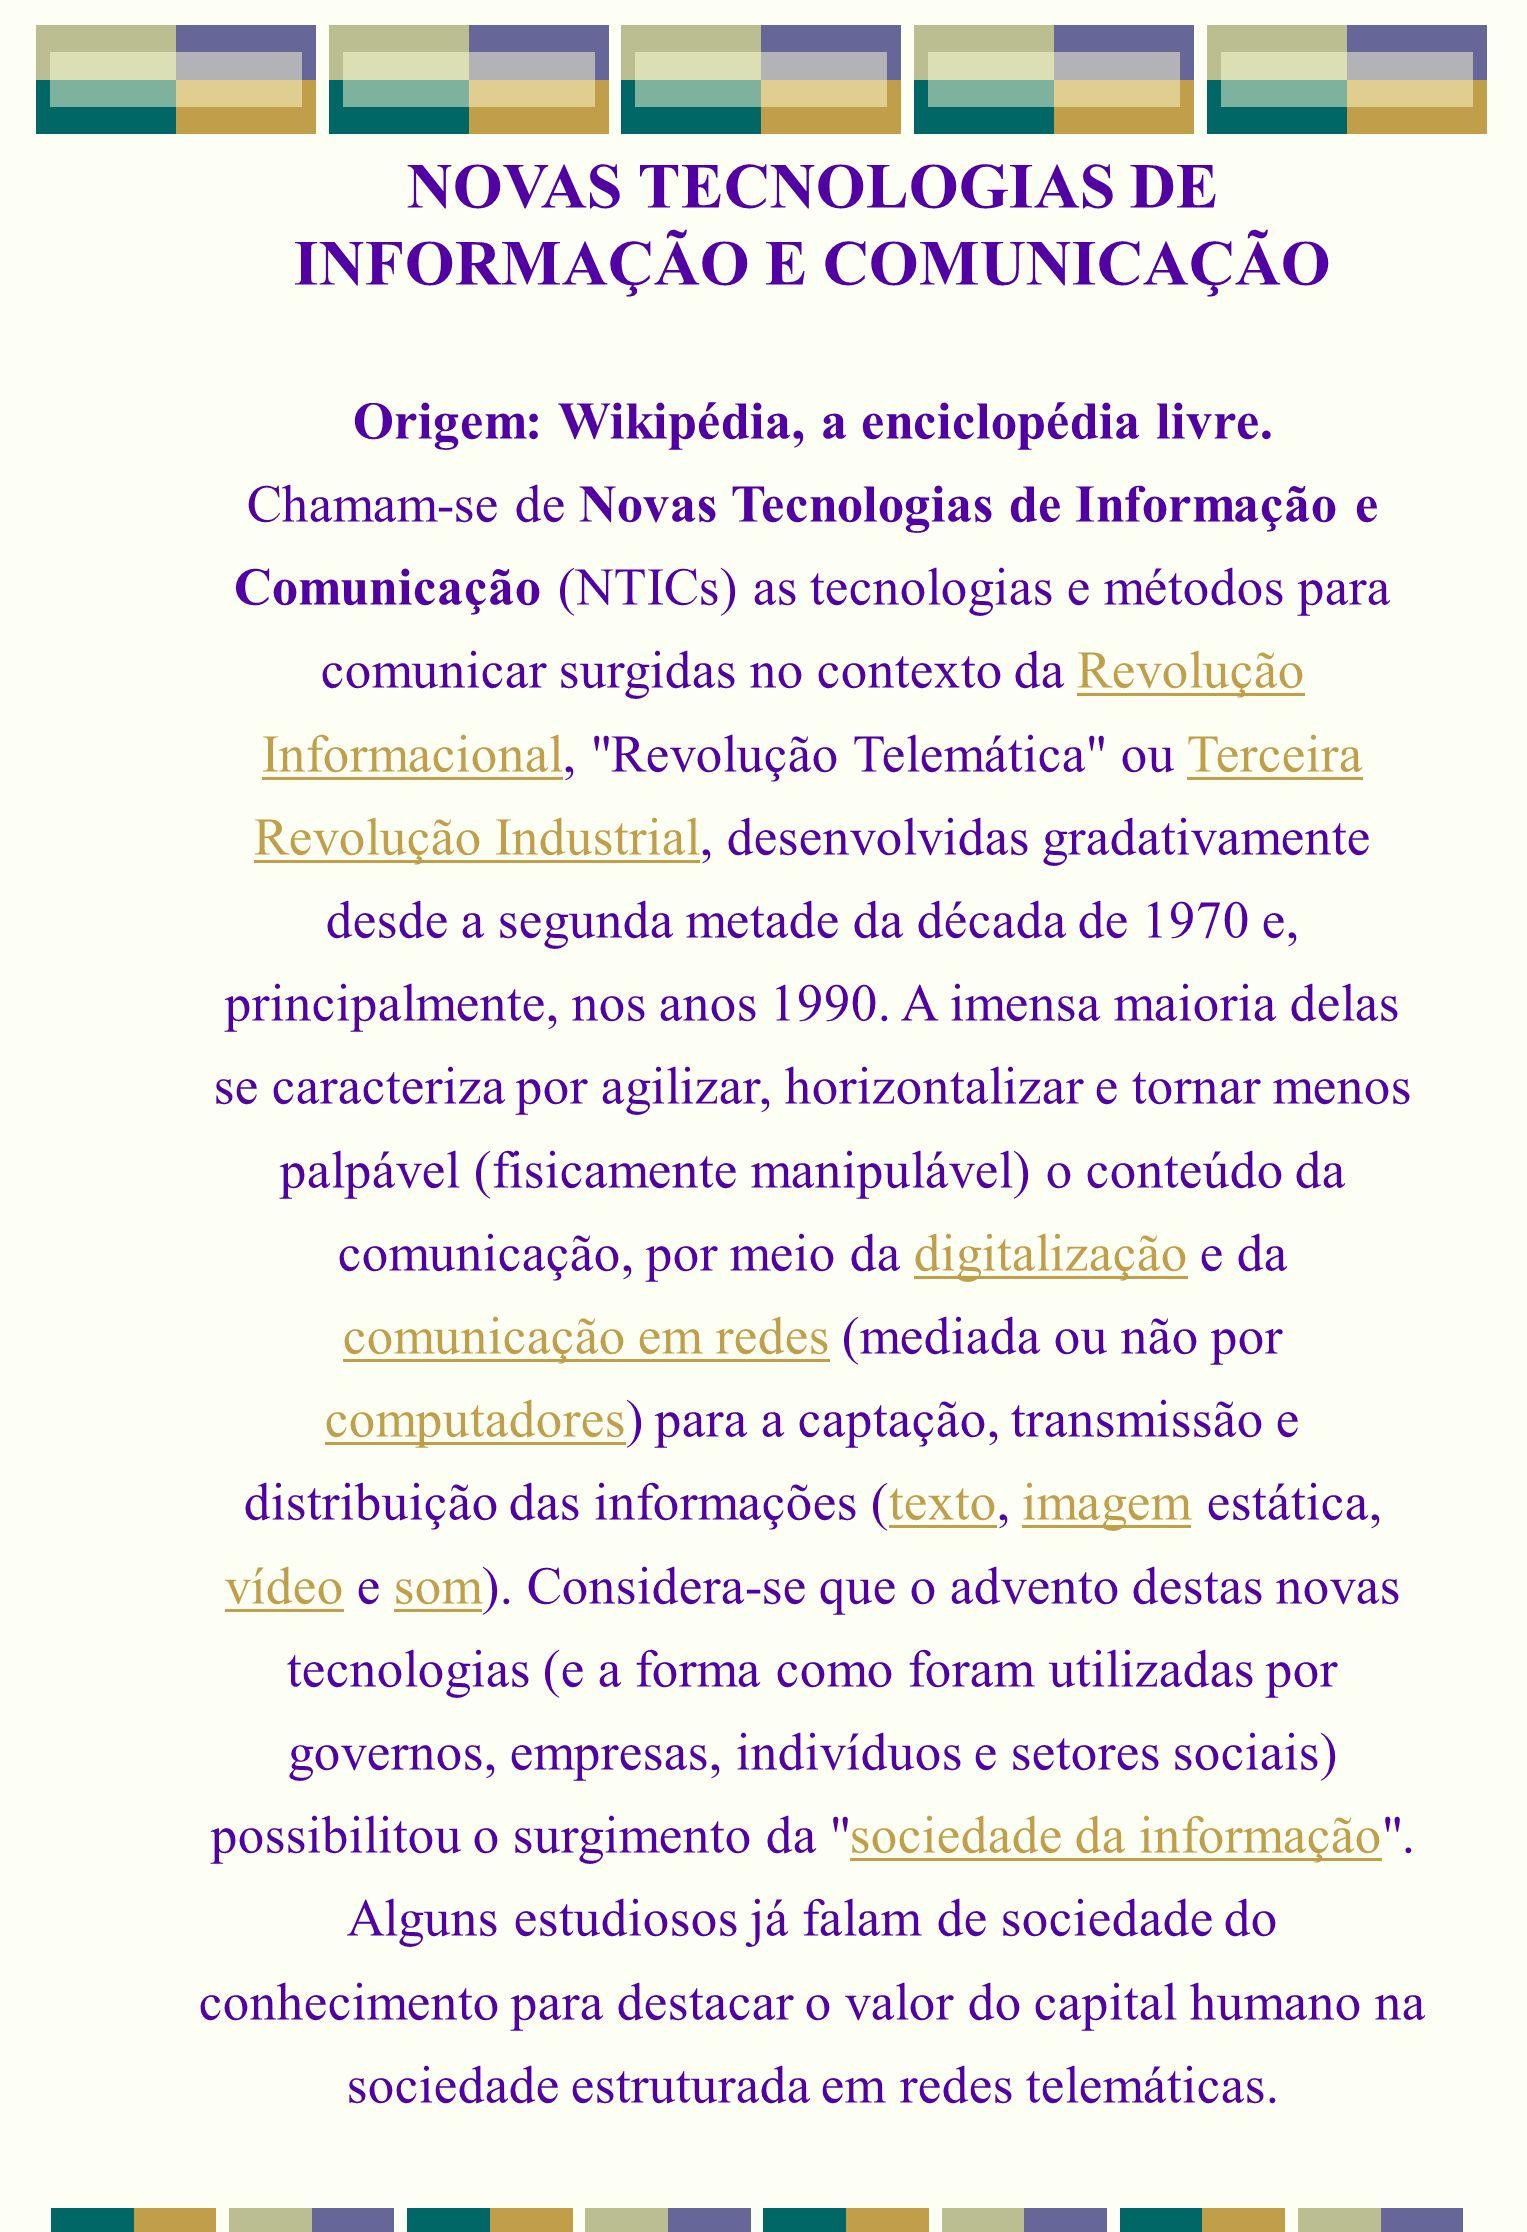 NOVAS TECNOLOGIAS DE INFORMAÇÃO E COMUNICAÇÃO Origem: Wikipédia, a enciclopédia livre. Chamam-se de Novas Tecnologias de Informação e Comunicação (NTI